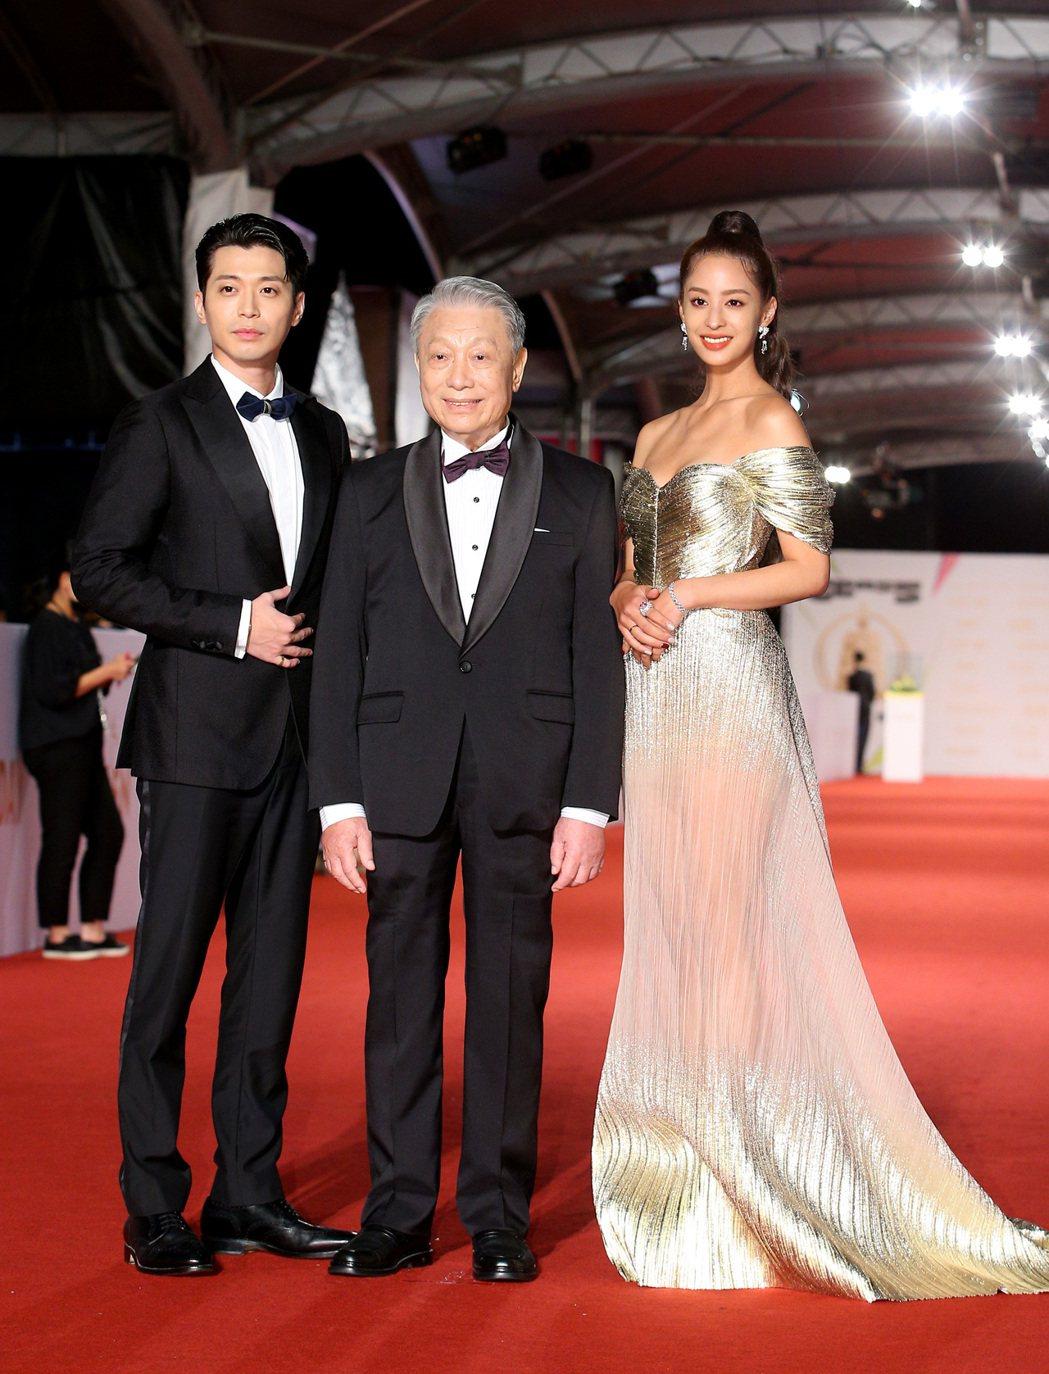 第55屆金鐘獎頒獎典禮在國父紀念館舉行,侯彥西(左)、林義雄(中)、莫允雯(右)...